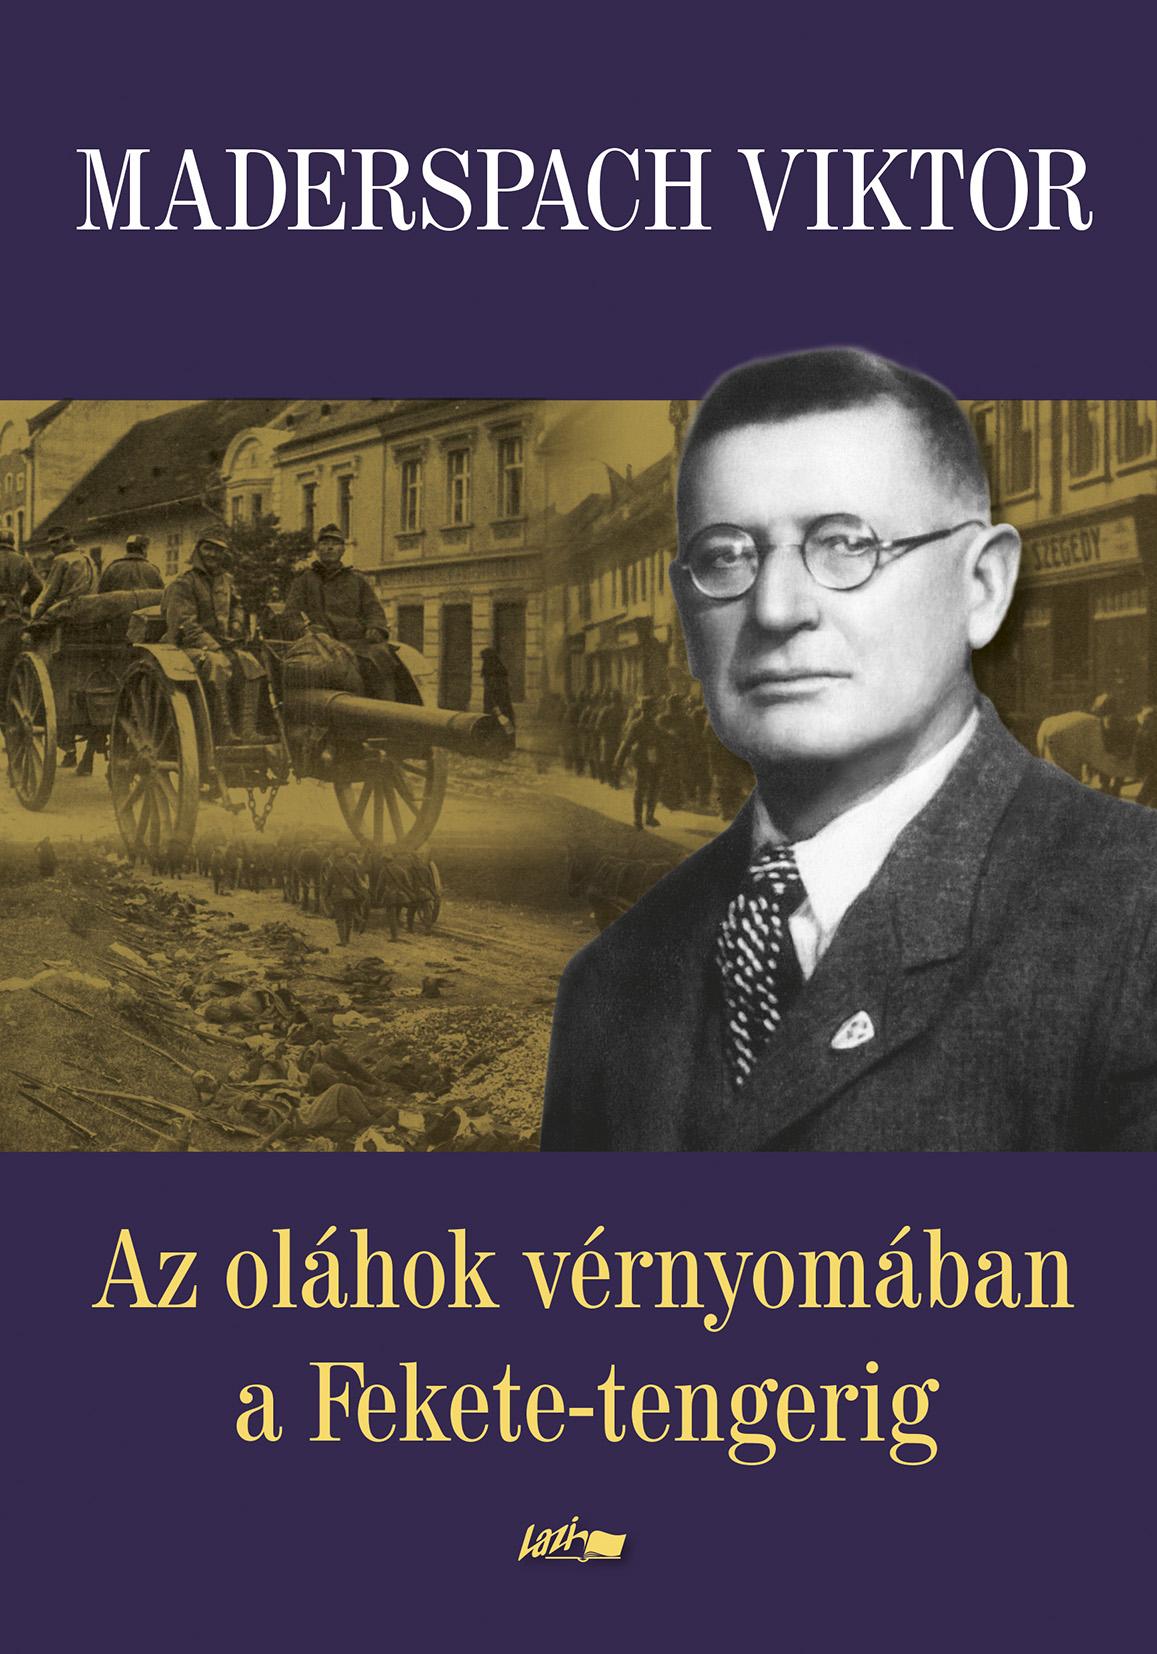 Az oláhok vérnyomában a Fekete-tengerig - Maderspach Viktor pdf epub